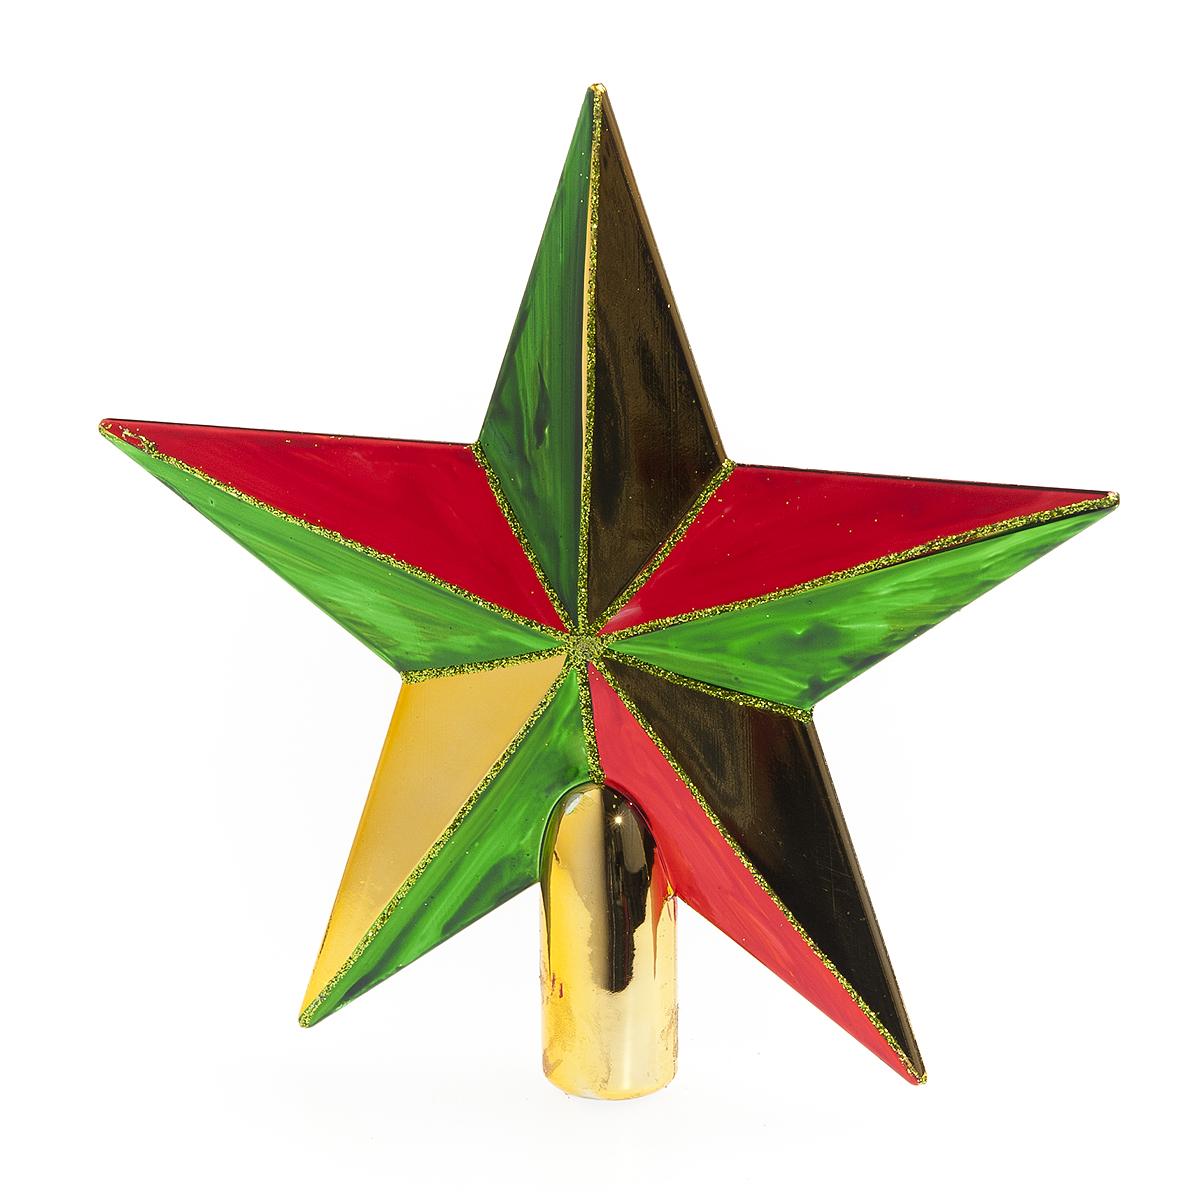 Верхушка на елку Lunten Ranta Яркая, цвет: золотистый, красный, зеленый, высота 20 см65504Верхушка на елку Lunten Ranta Яркая прекрасно подойдет для декора новогодней елки. Изделие выполнено из высококачественного пластика в виде звезды. Такая верхушка преобразит вашу елку в преддверии праздника и создаст особое настроение новогоднего торжества. Изящество, уникальный дизайн - эта верхушка совершенно не похожа на классические новогодние украшения. Высота верхушки: 20 см. Диаметр основания: 2 см.